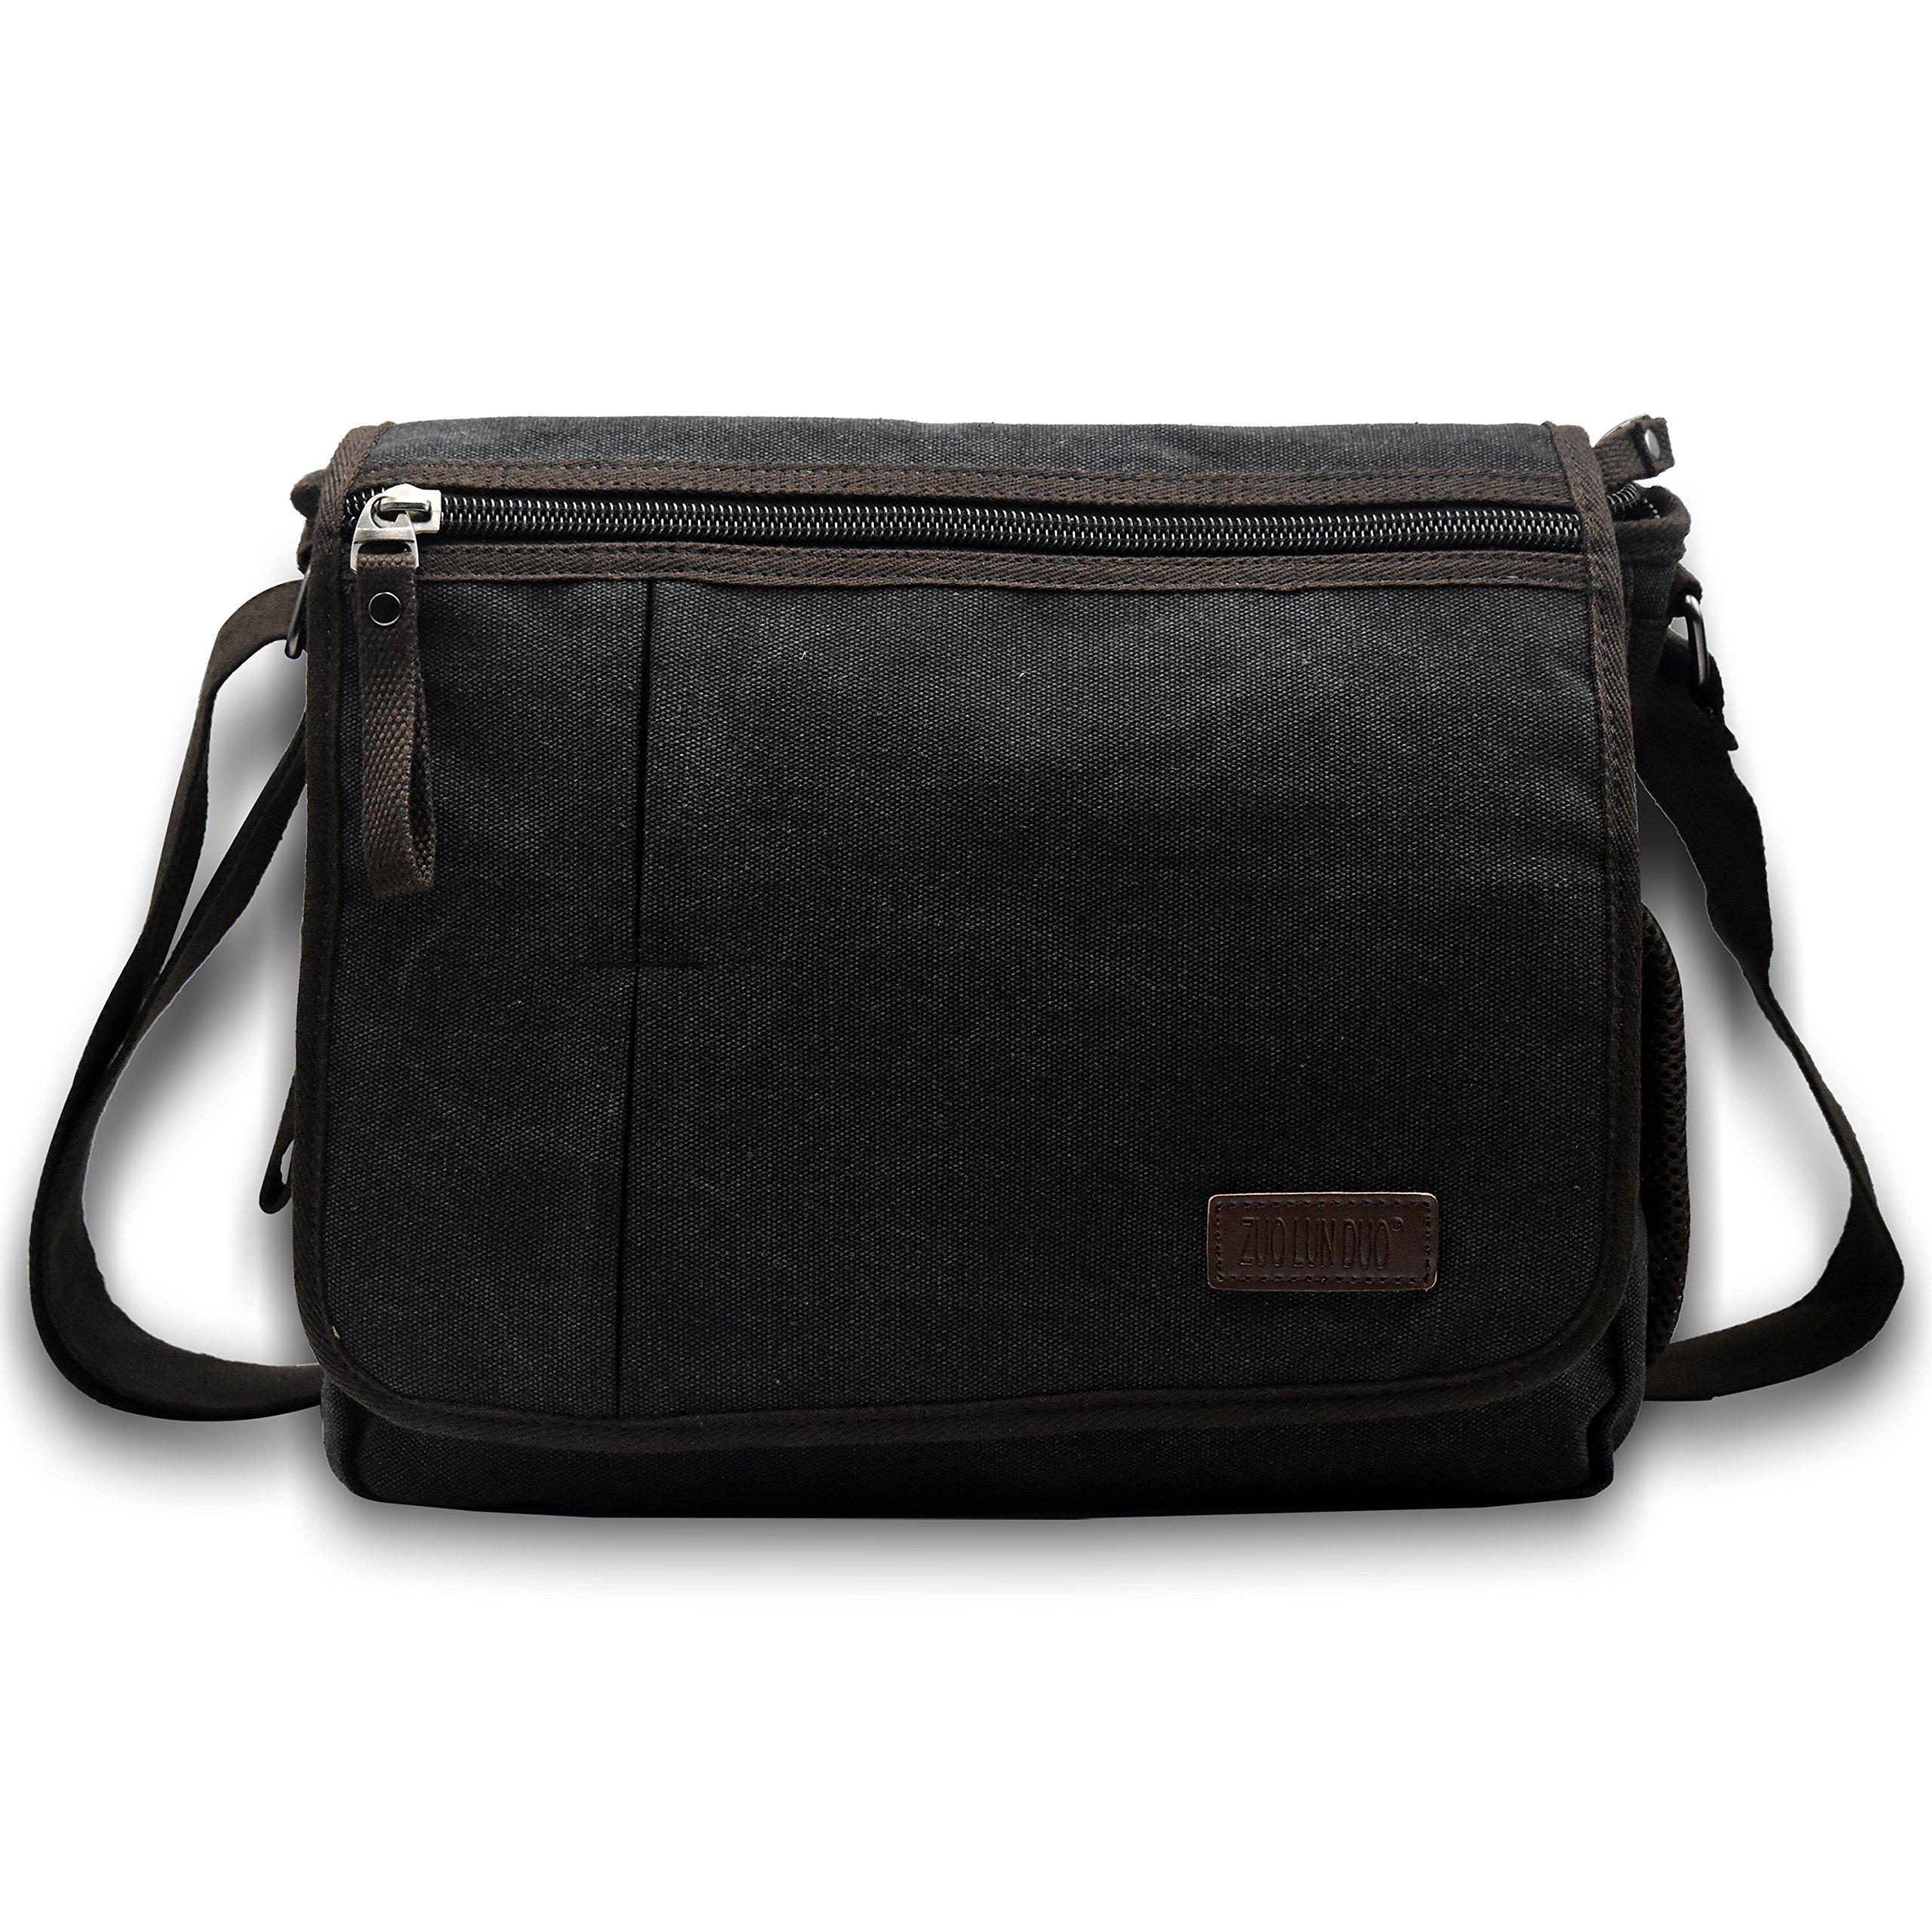 Vintage Multifunctional Men Canvas Messenger Bag Crossbody Shoulder Bag, Large, Black